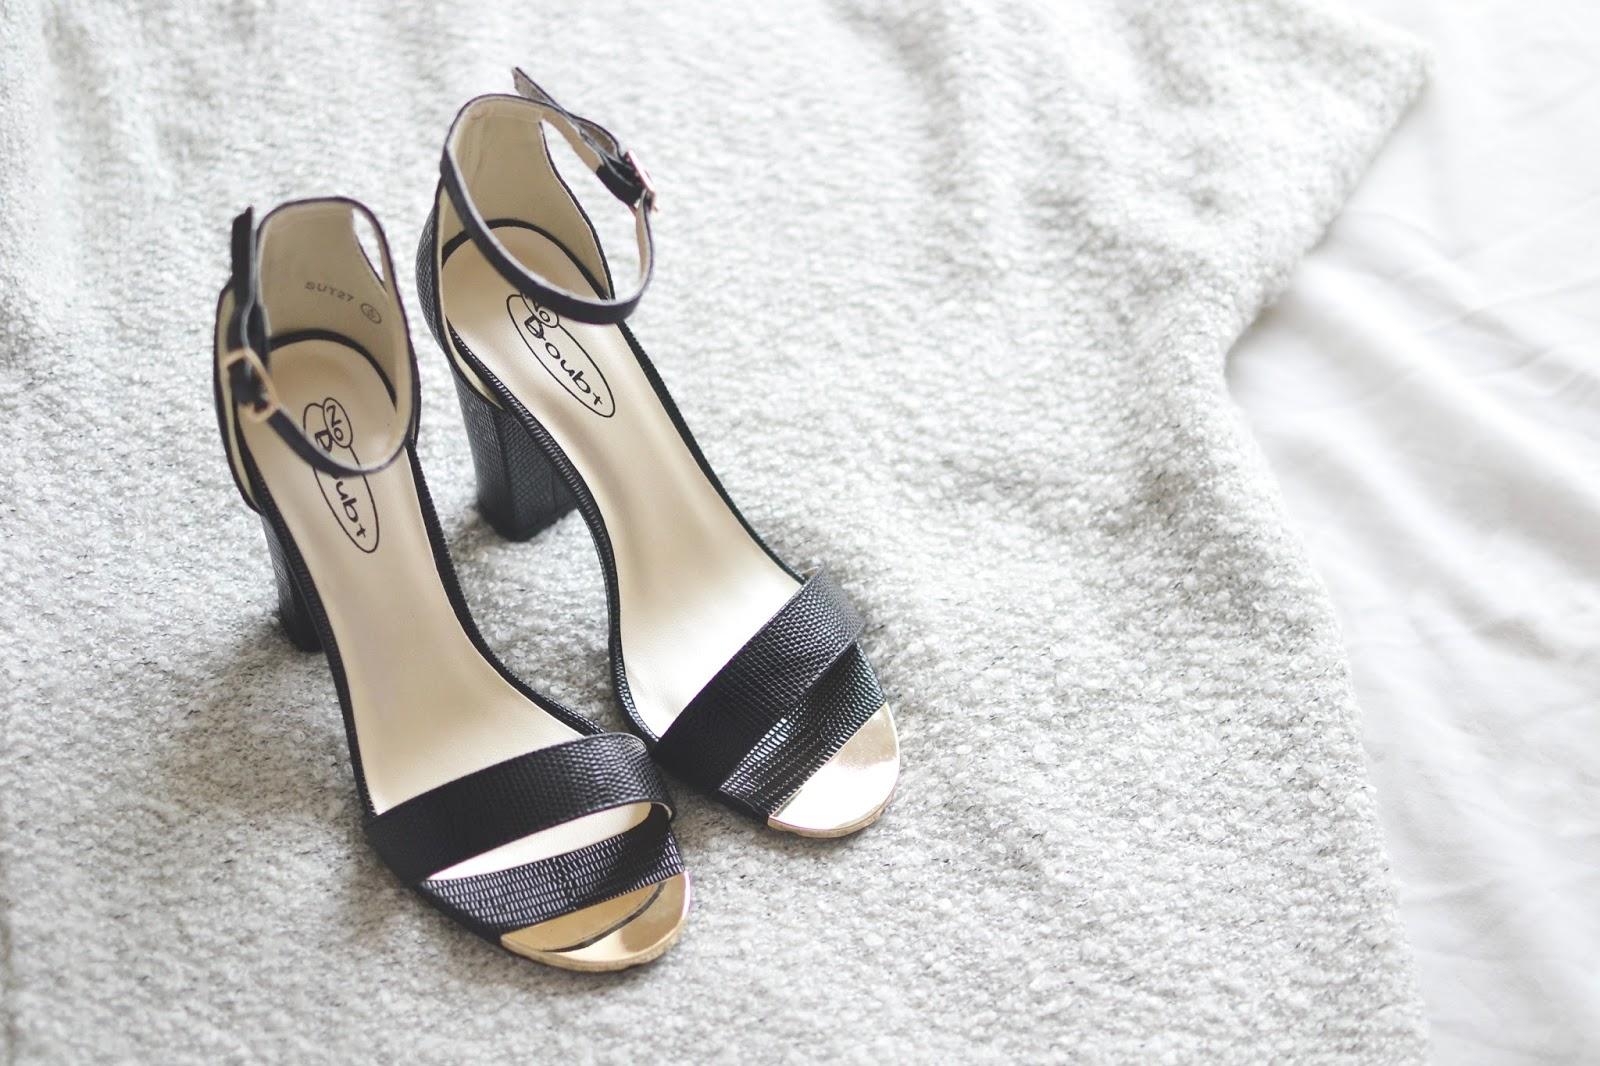 black heels with a block heel